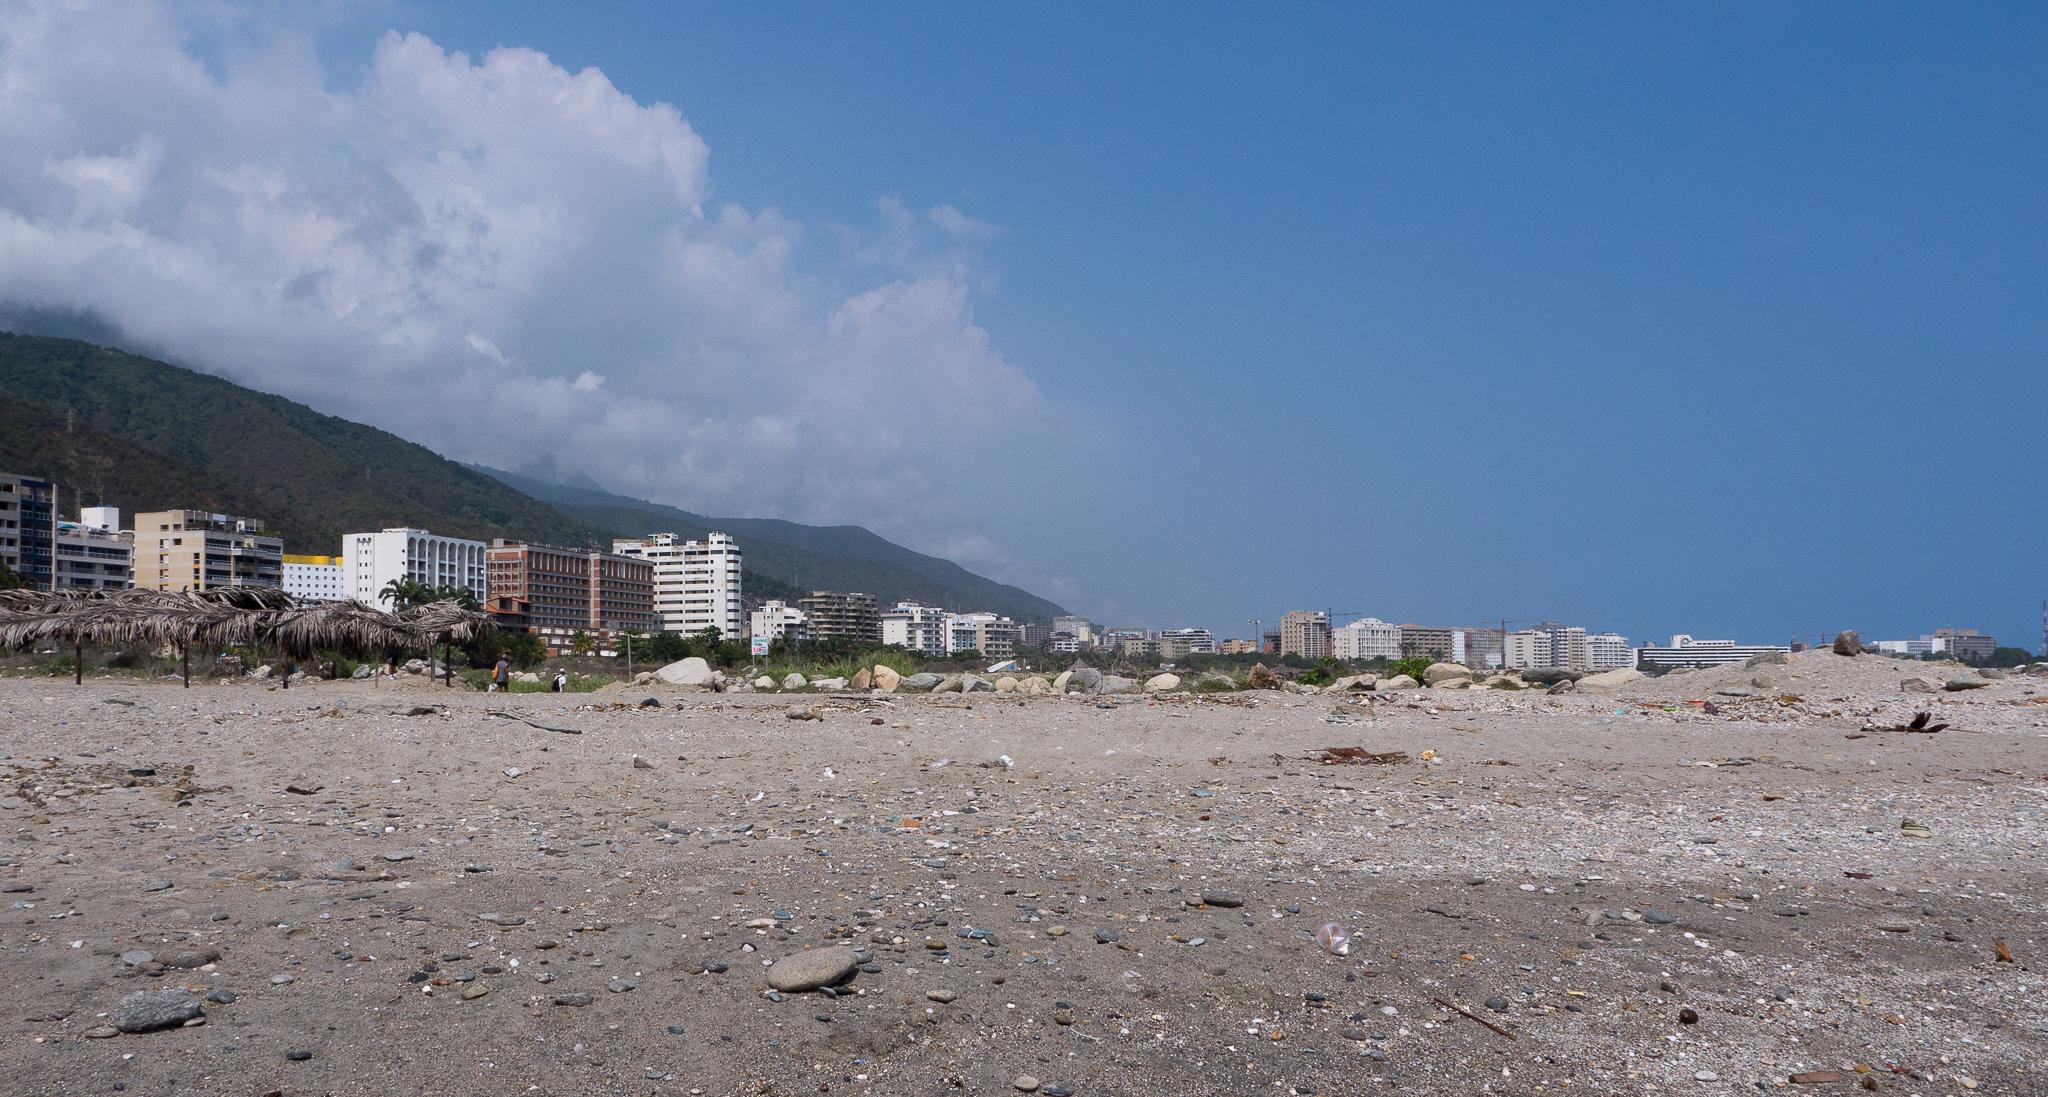 06-Venezuela-0677-P-1304.jpg